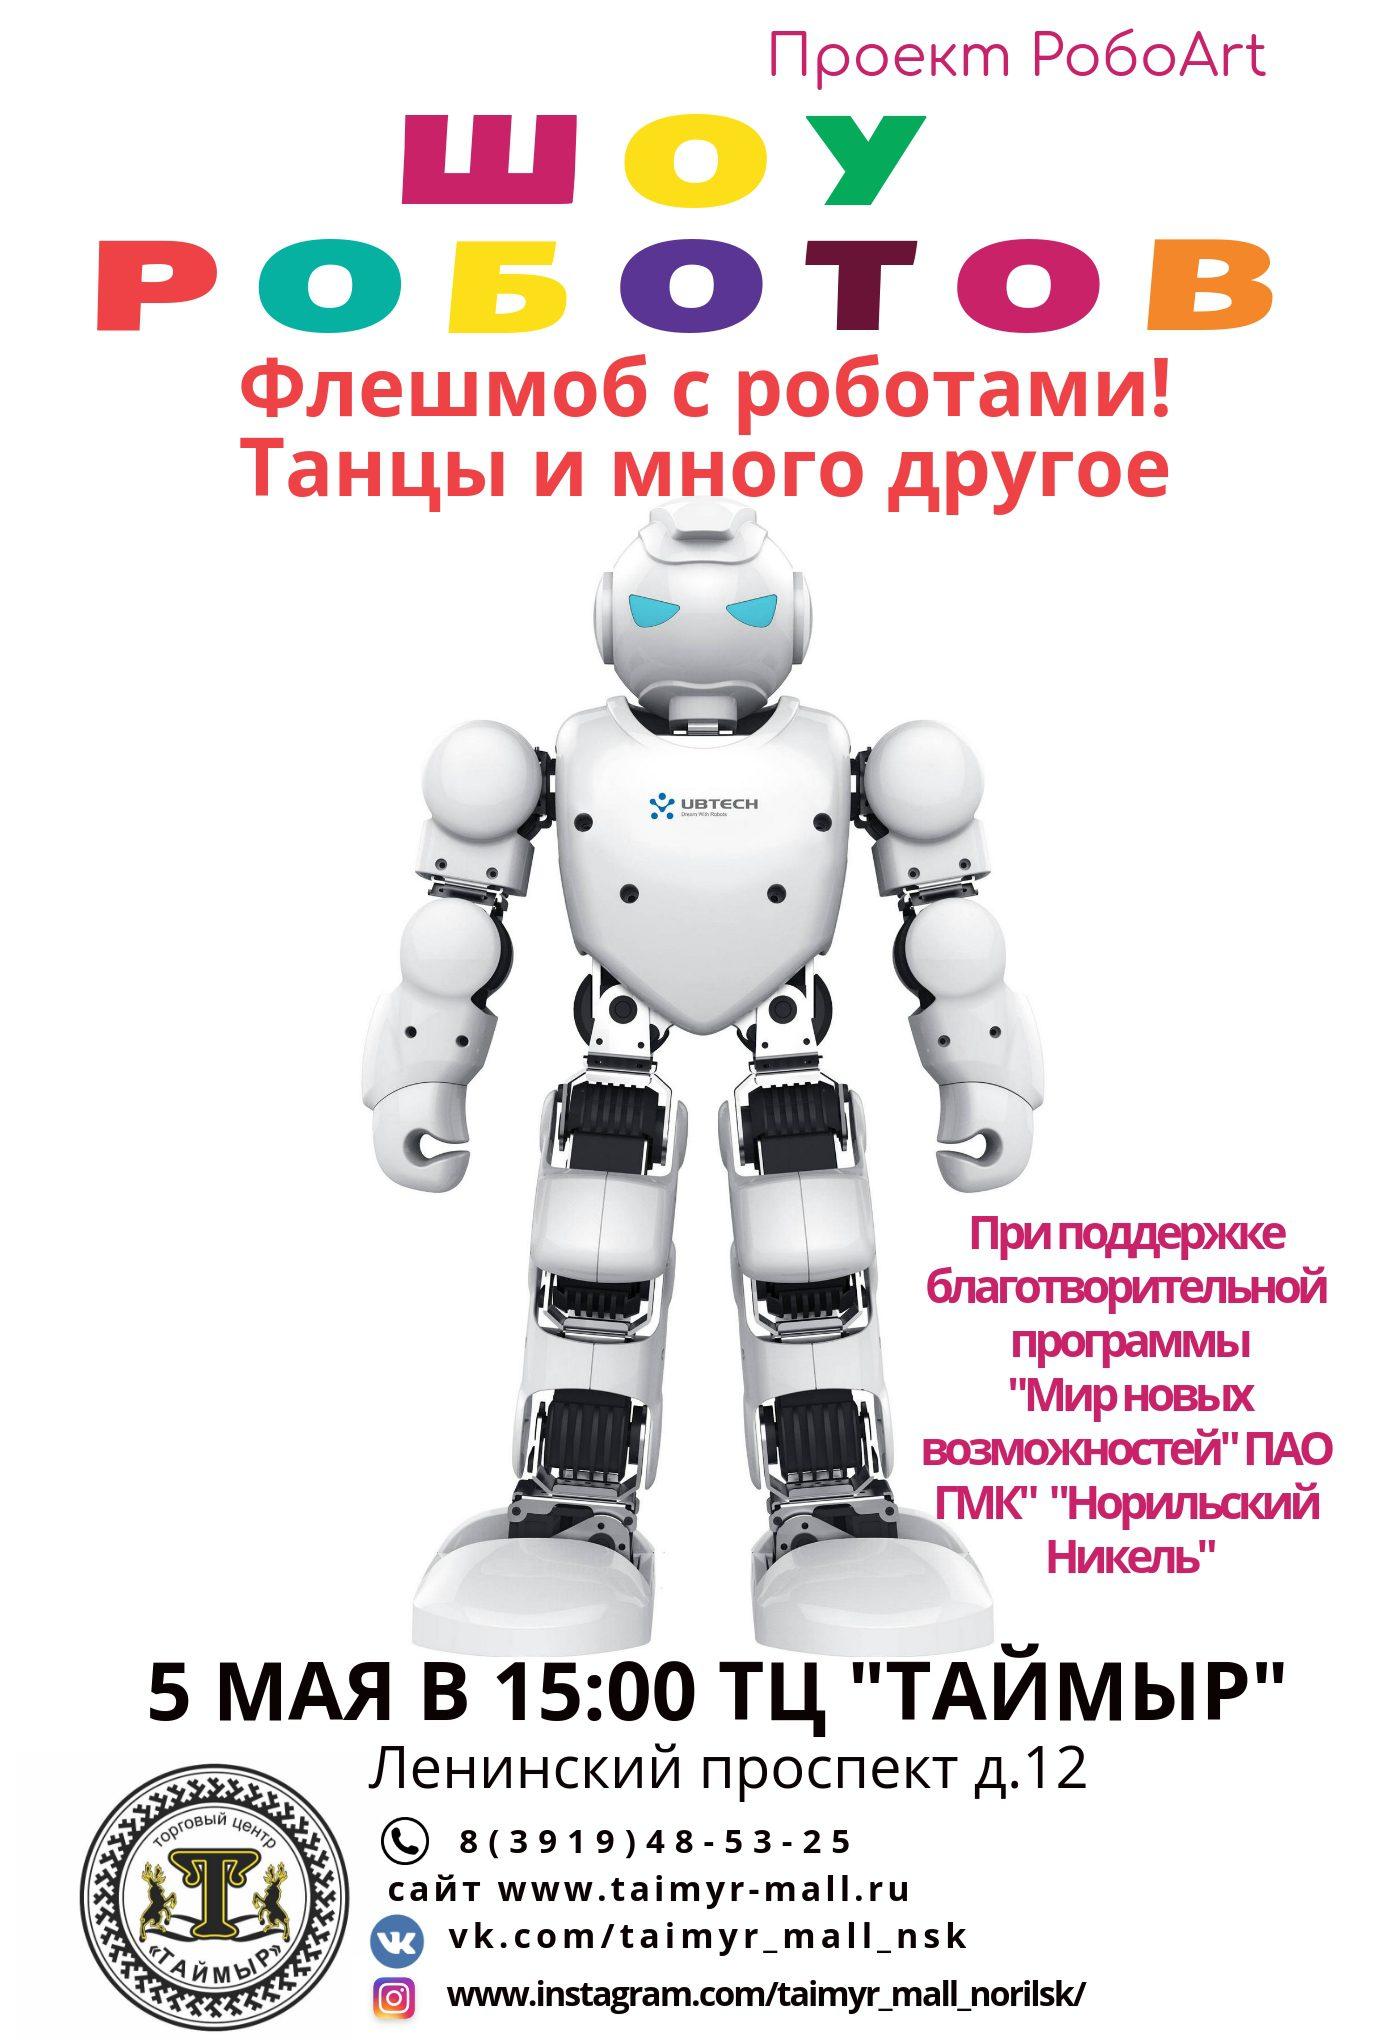 robots-post